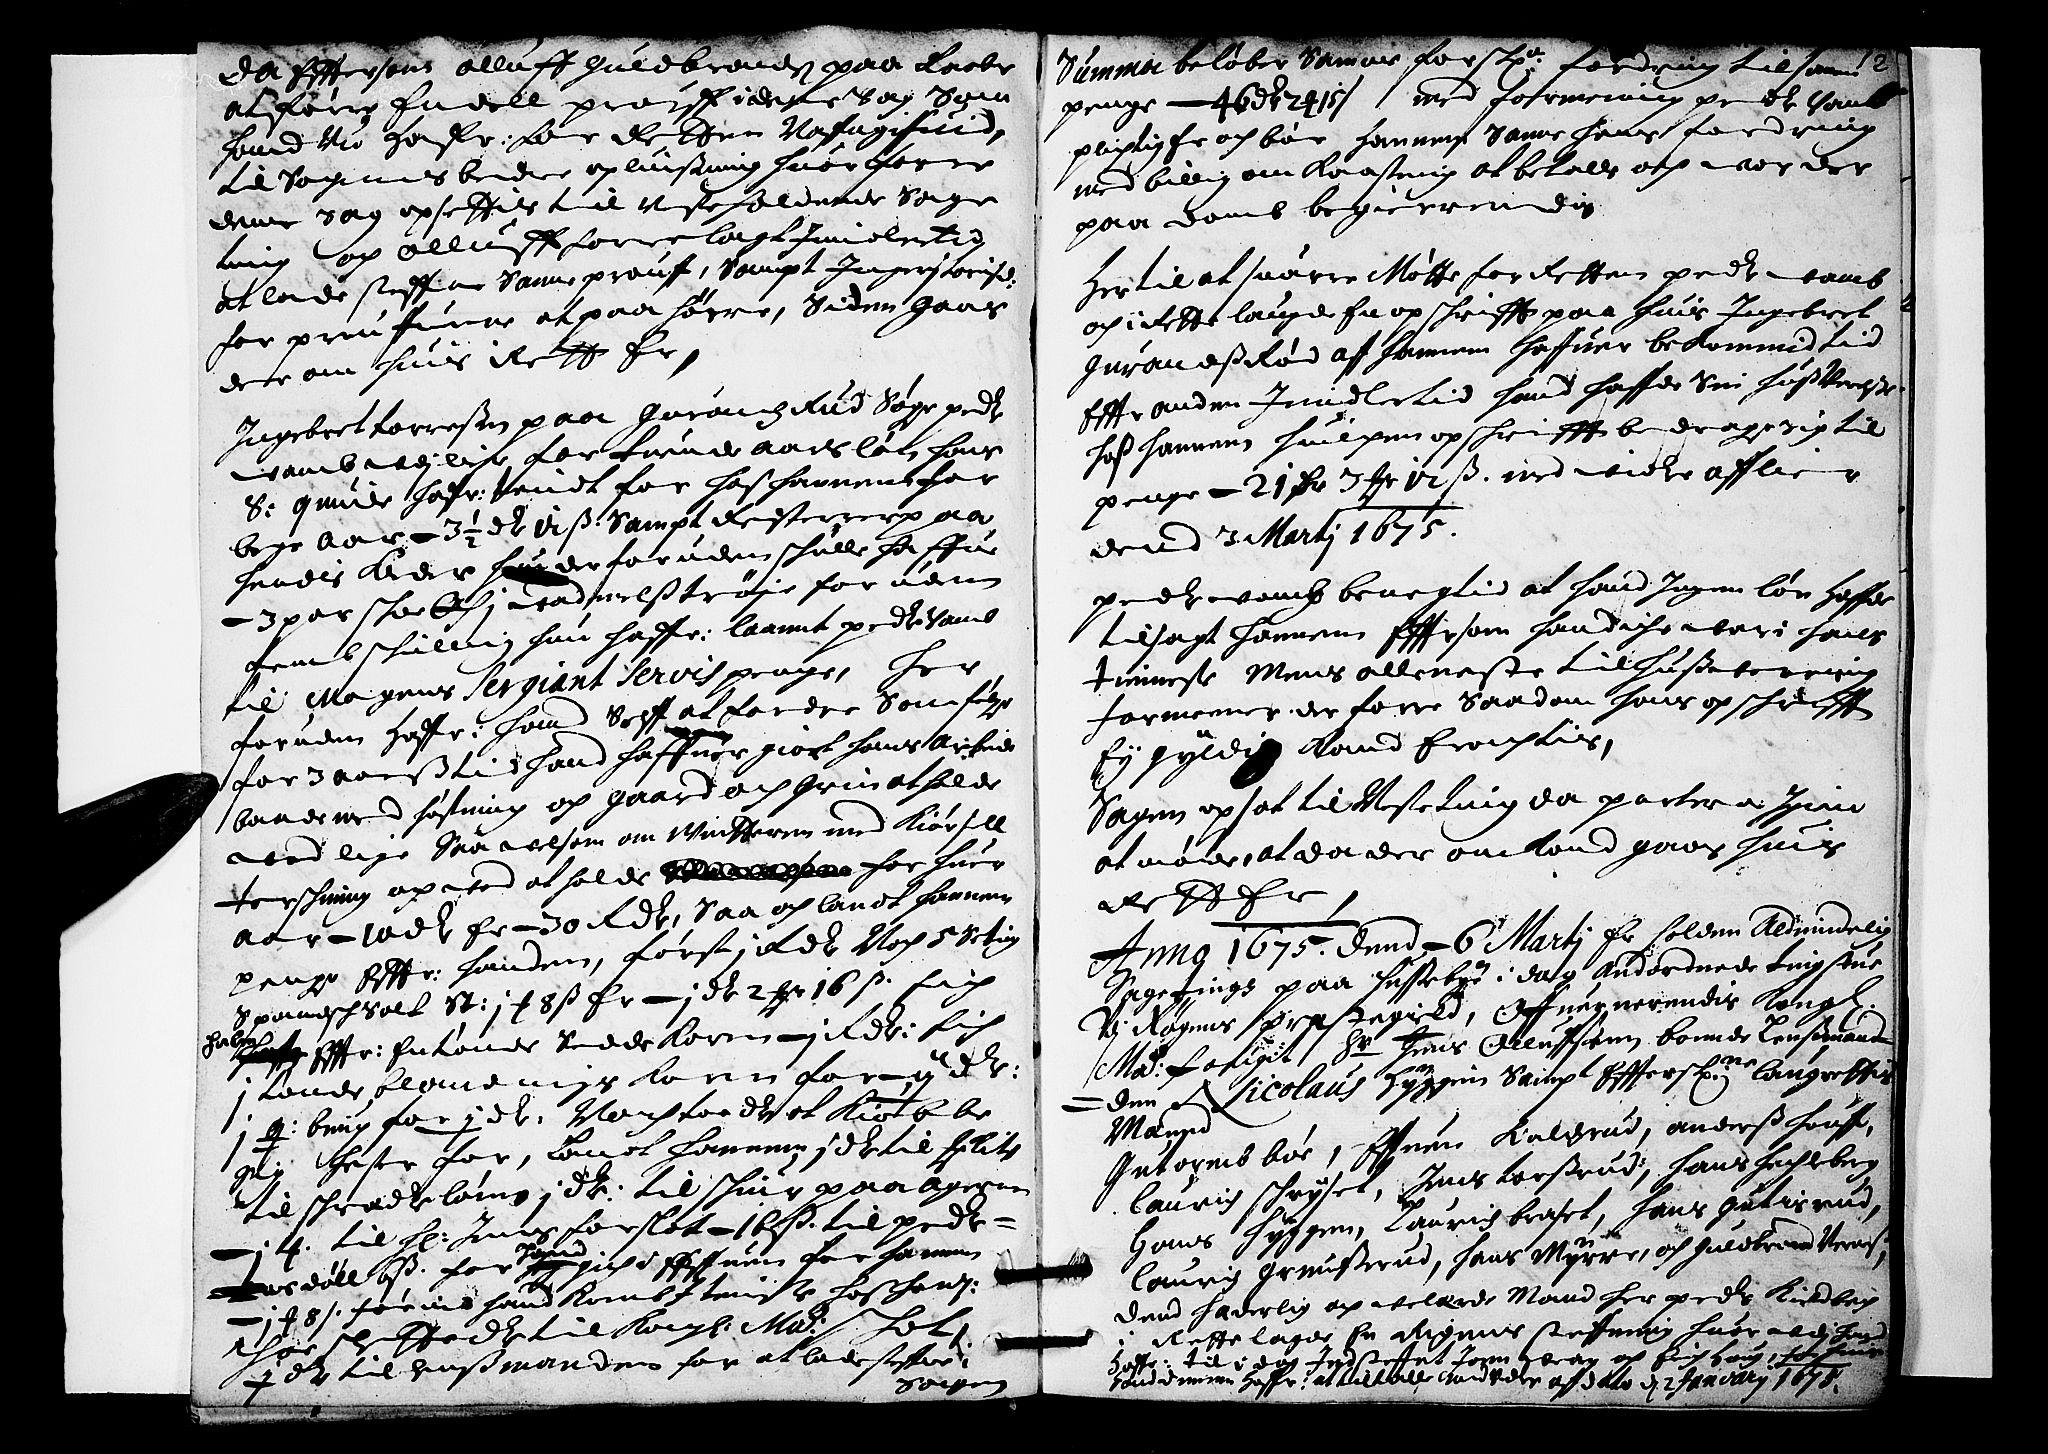 SAKO, Lier, Røyken og Hurum sorenskriveri, F/Fa/L0016: Tingbok, 1675, s. 12